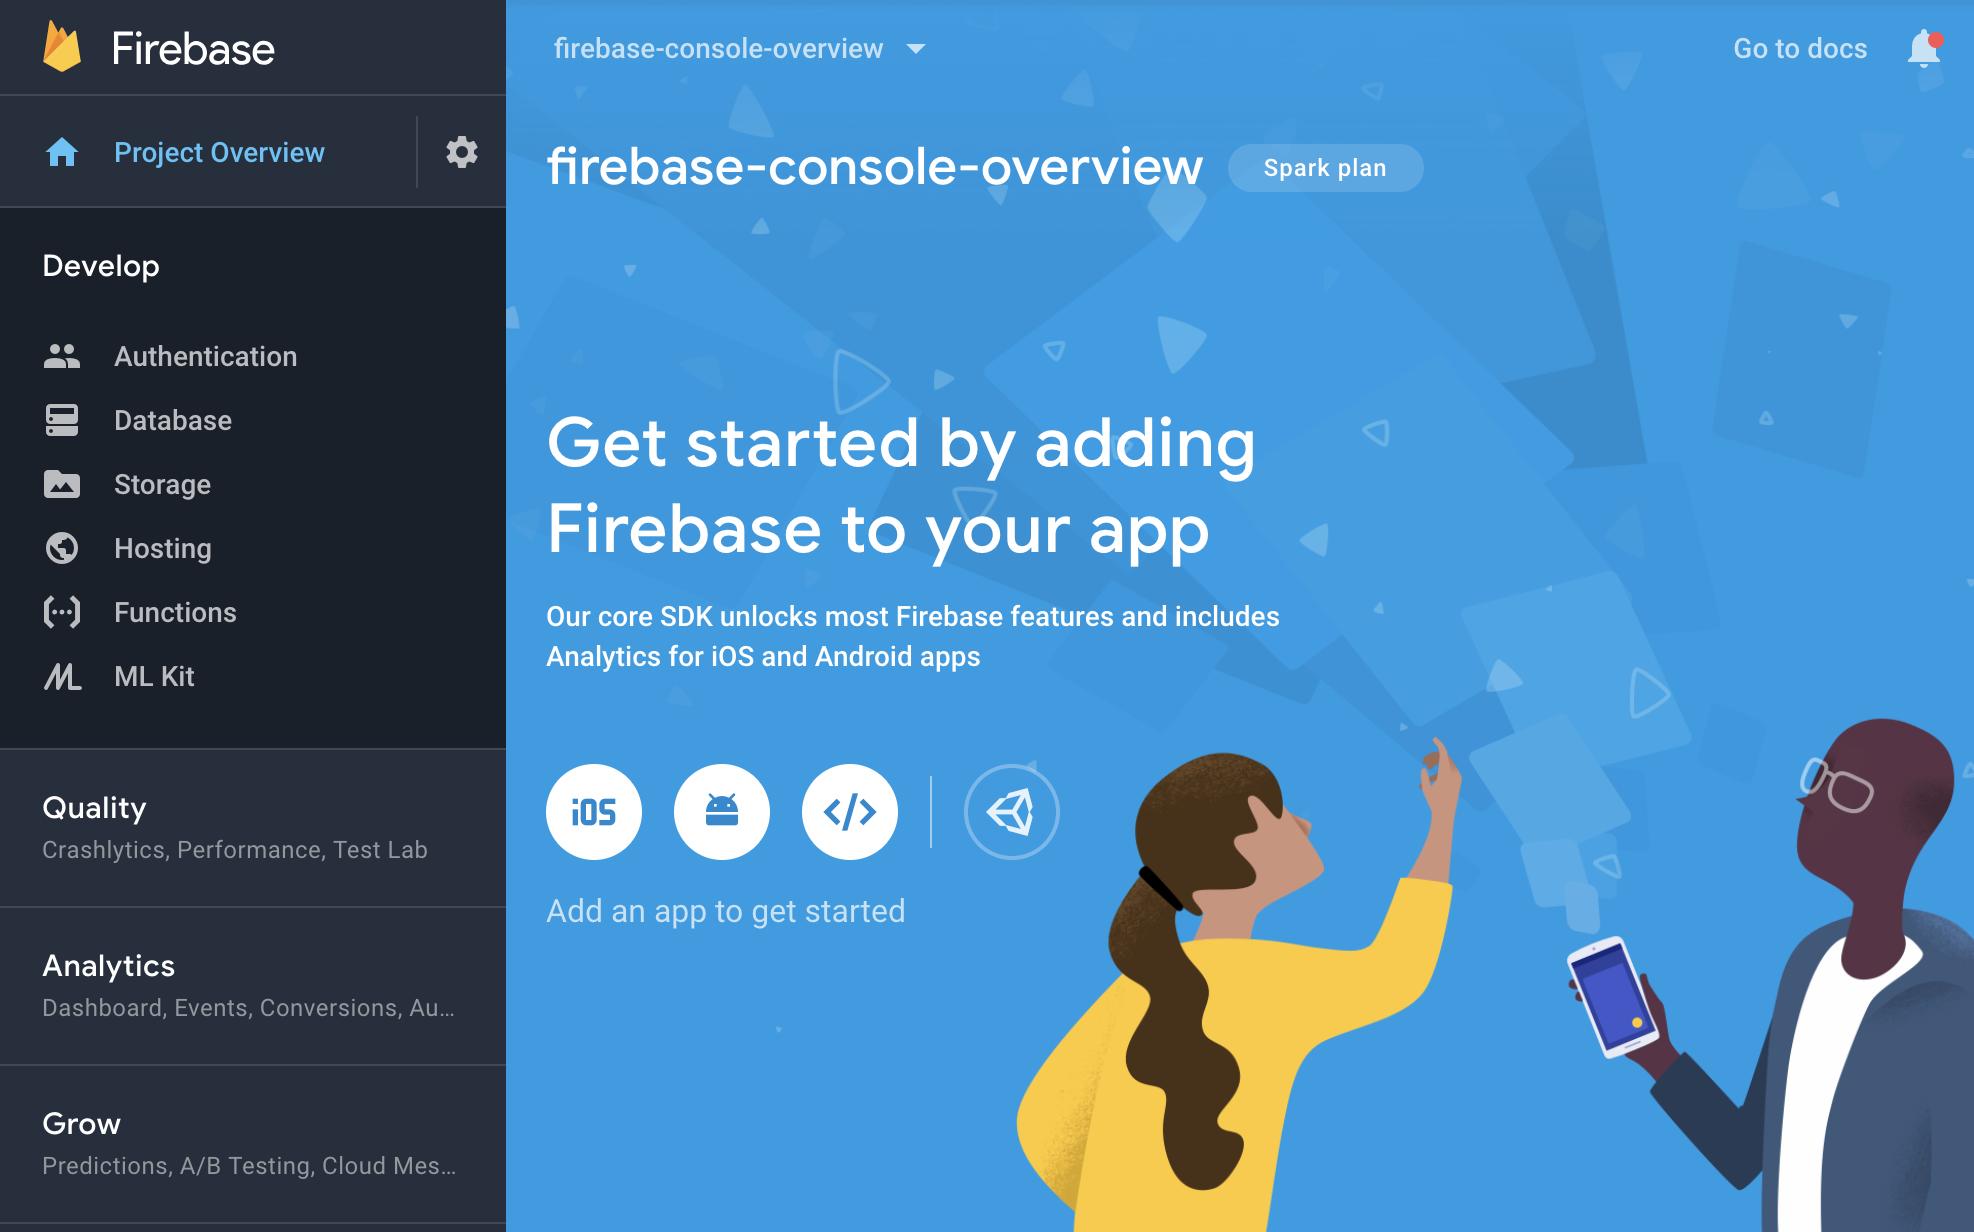 Console do Firebase: tela de visão geral do projeto